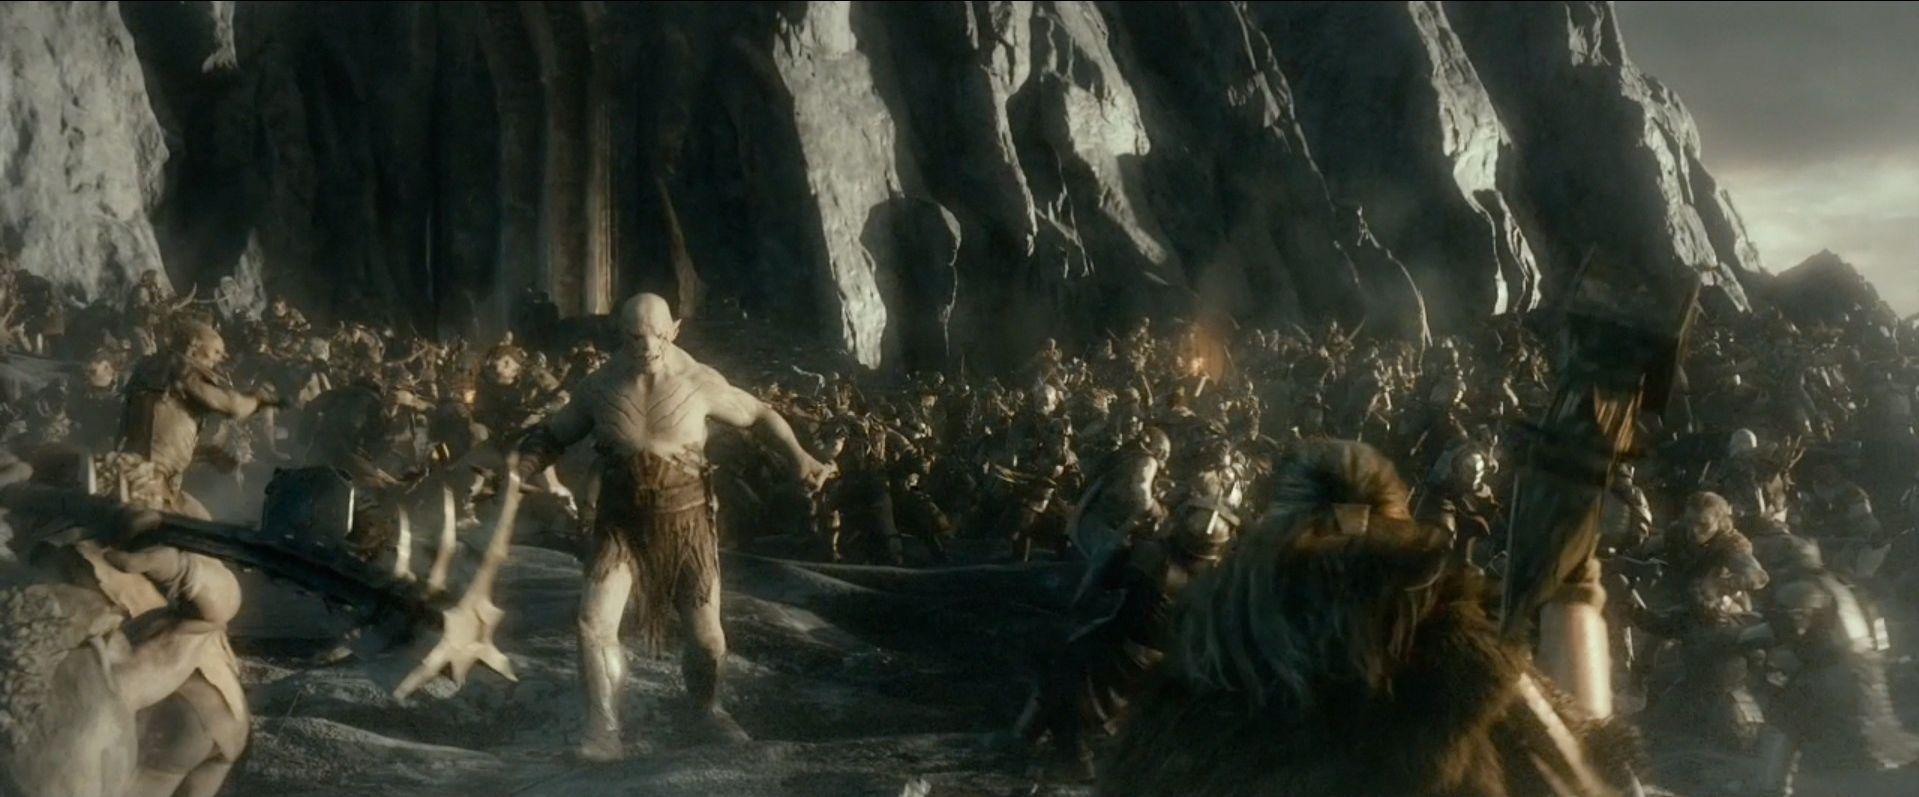 Conan Stevens The Hobbit